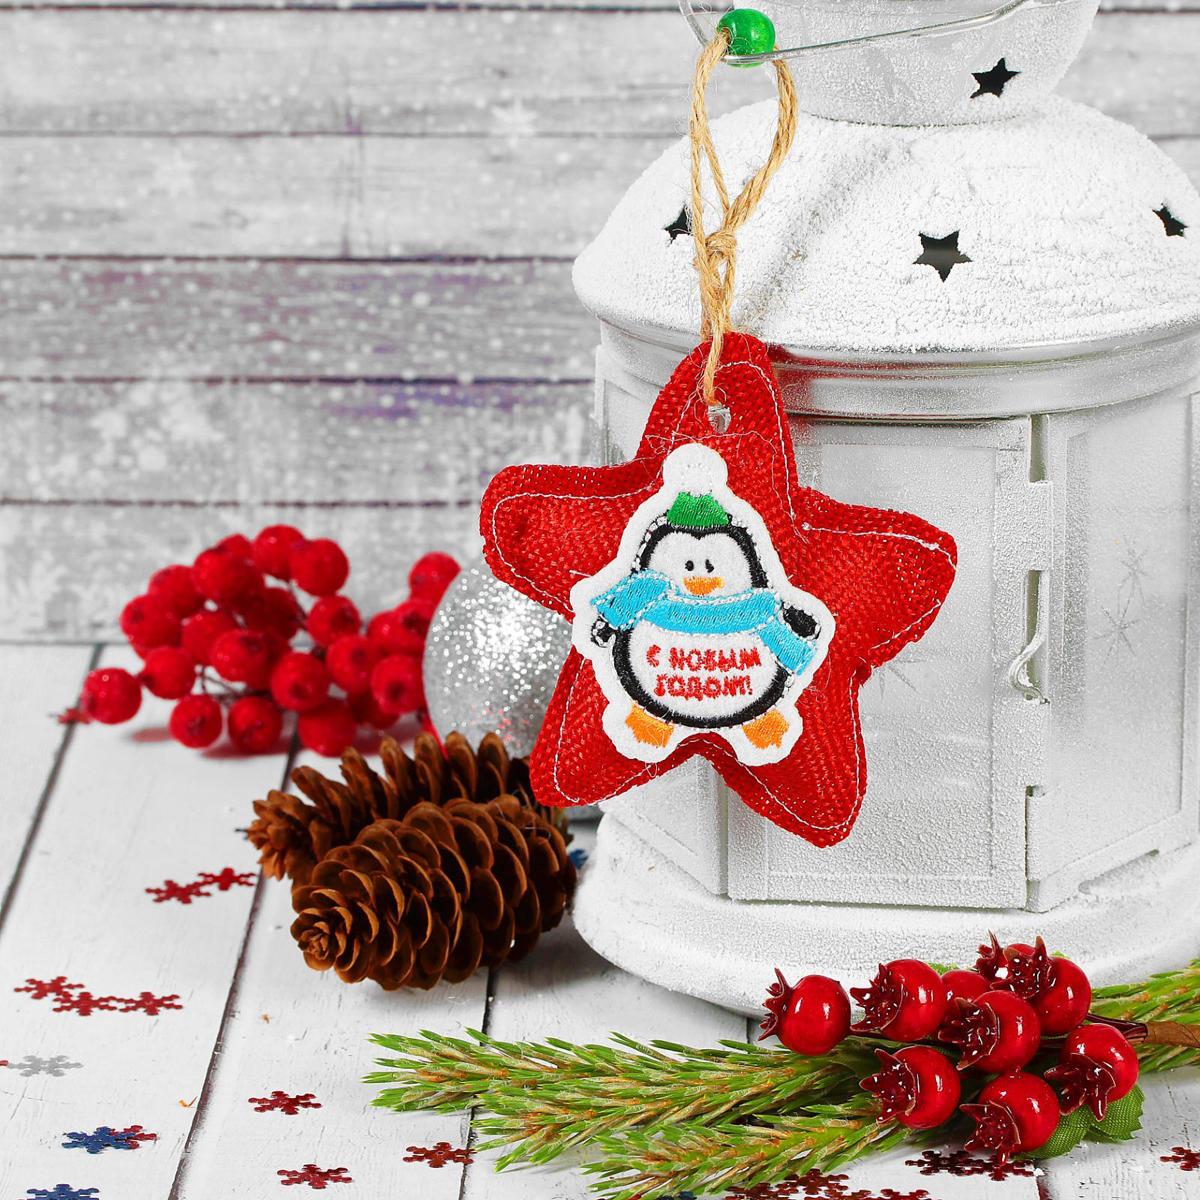 Украшение новогоднее подвесное Страна Карнавалия С Новым годом. Пингвинчик2293117Невозможно представить нашу жизнь без праздников! Мы всегда ждём их и предвкушаем, обдумываем, как проведём памятный день, тщательно выбираем подарки и аксессуары, ведь именно они создают и поддерживают торжественный настрой.